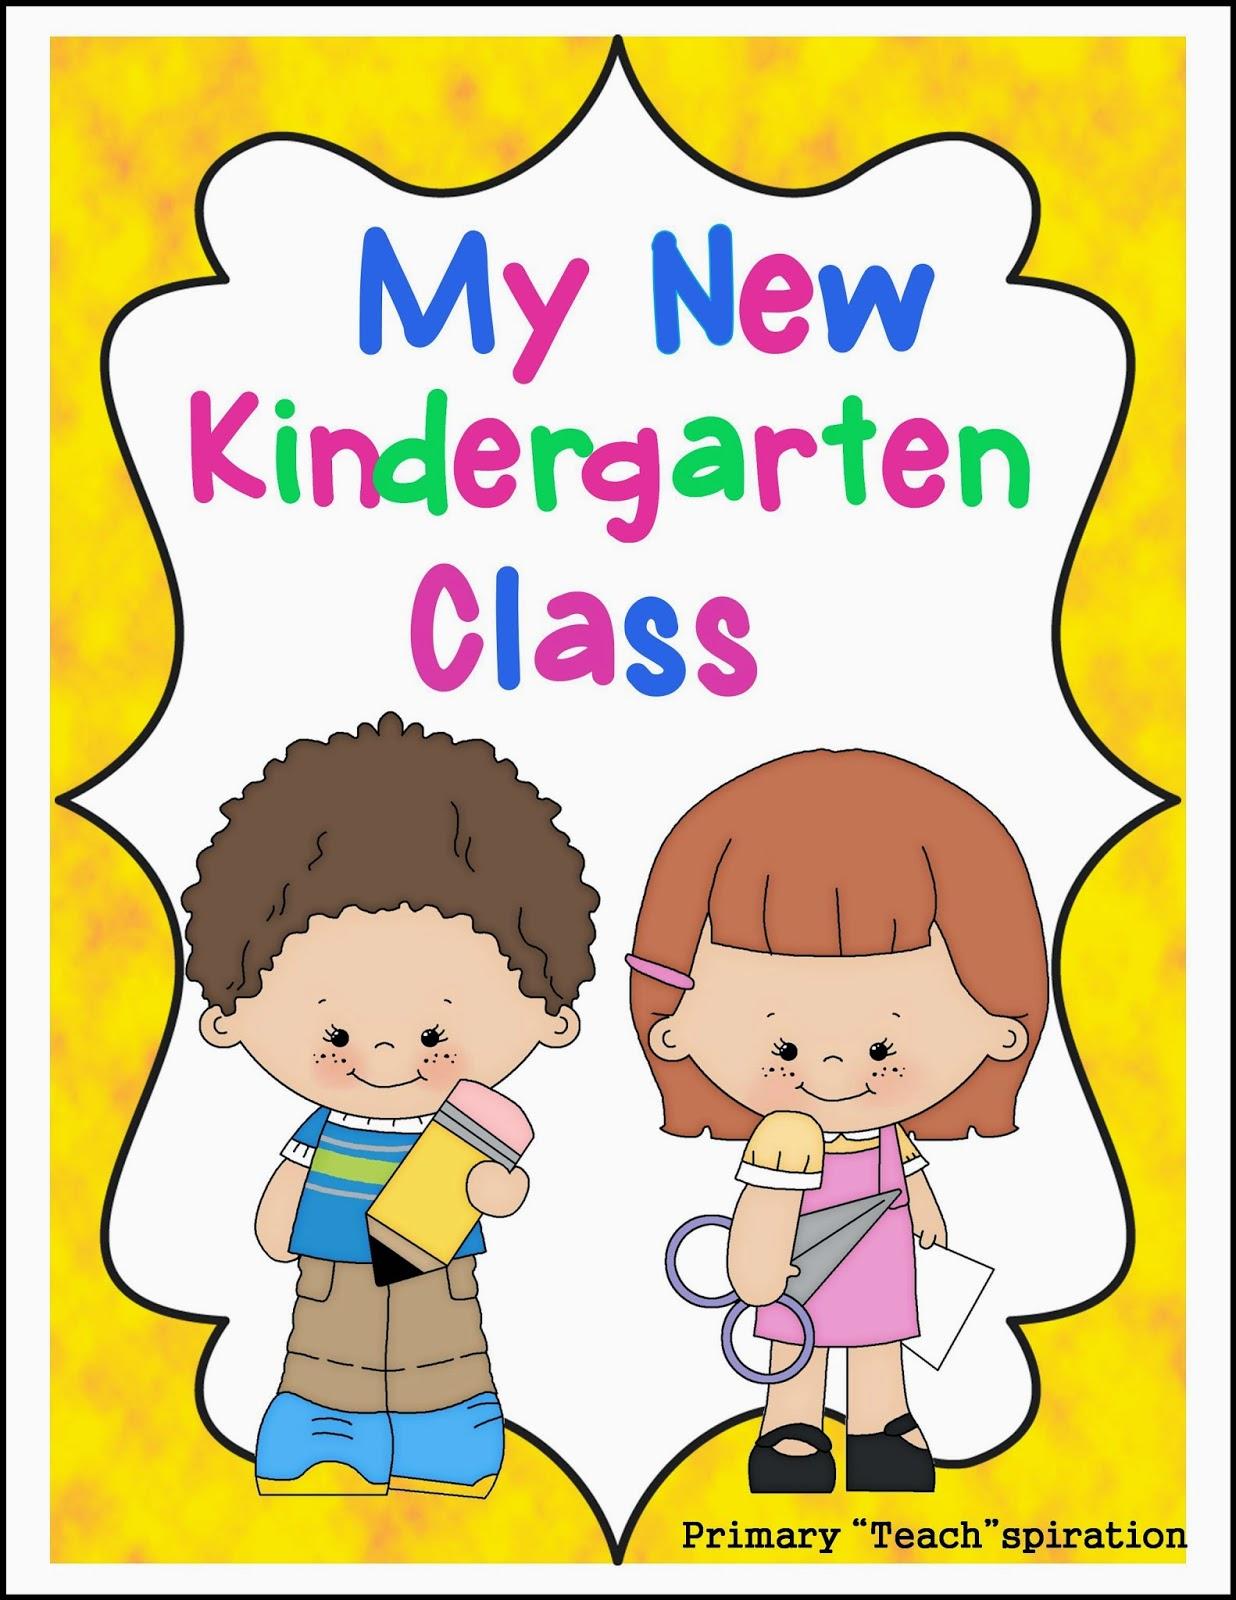 http://www.teacherspayteachers.com/Product/Beginning-of-the-Year-Kindergarten-1294740